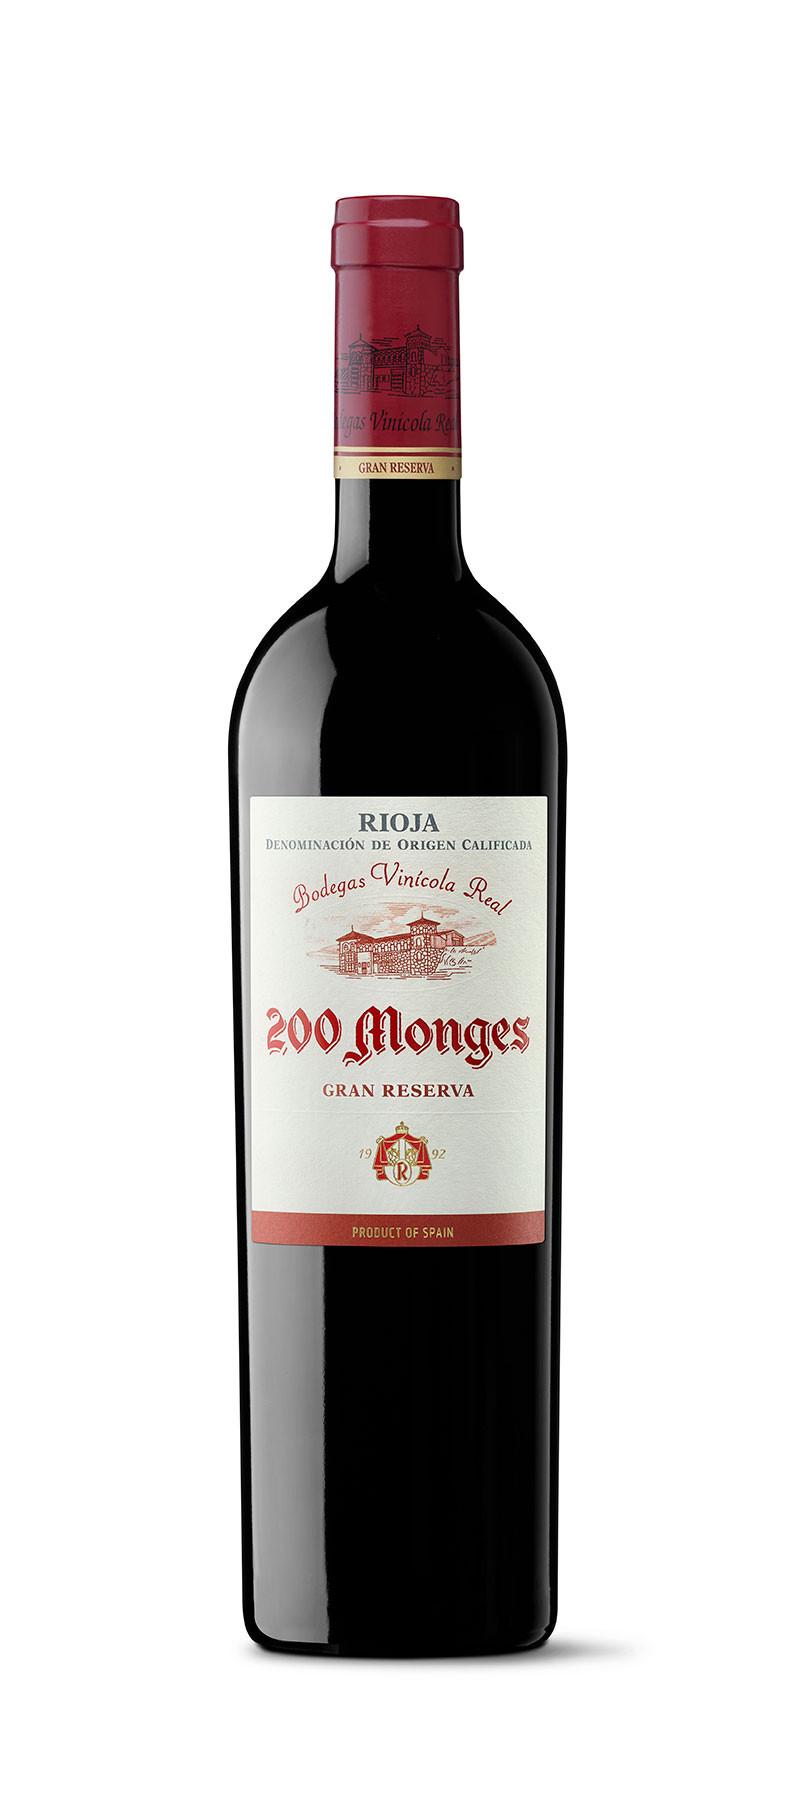 200 MONGES GRAN RESERVA TINTO 2005